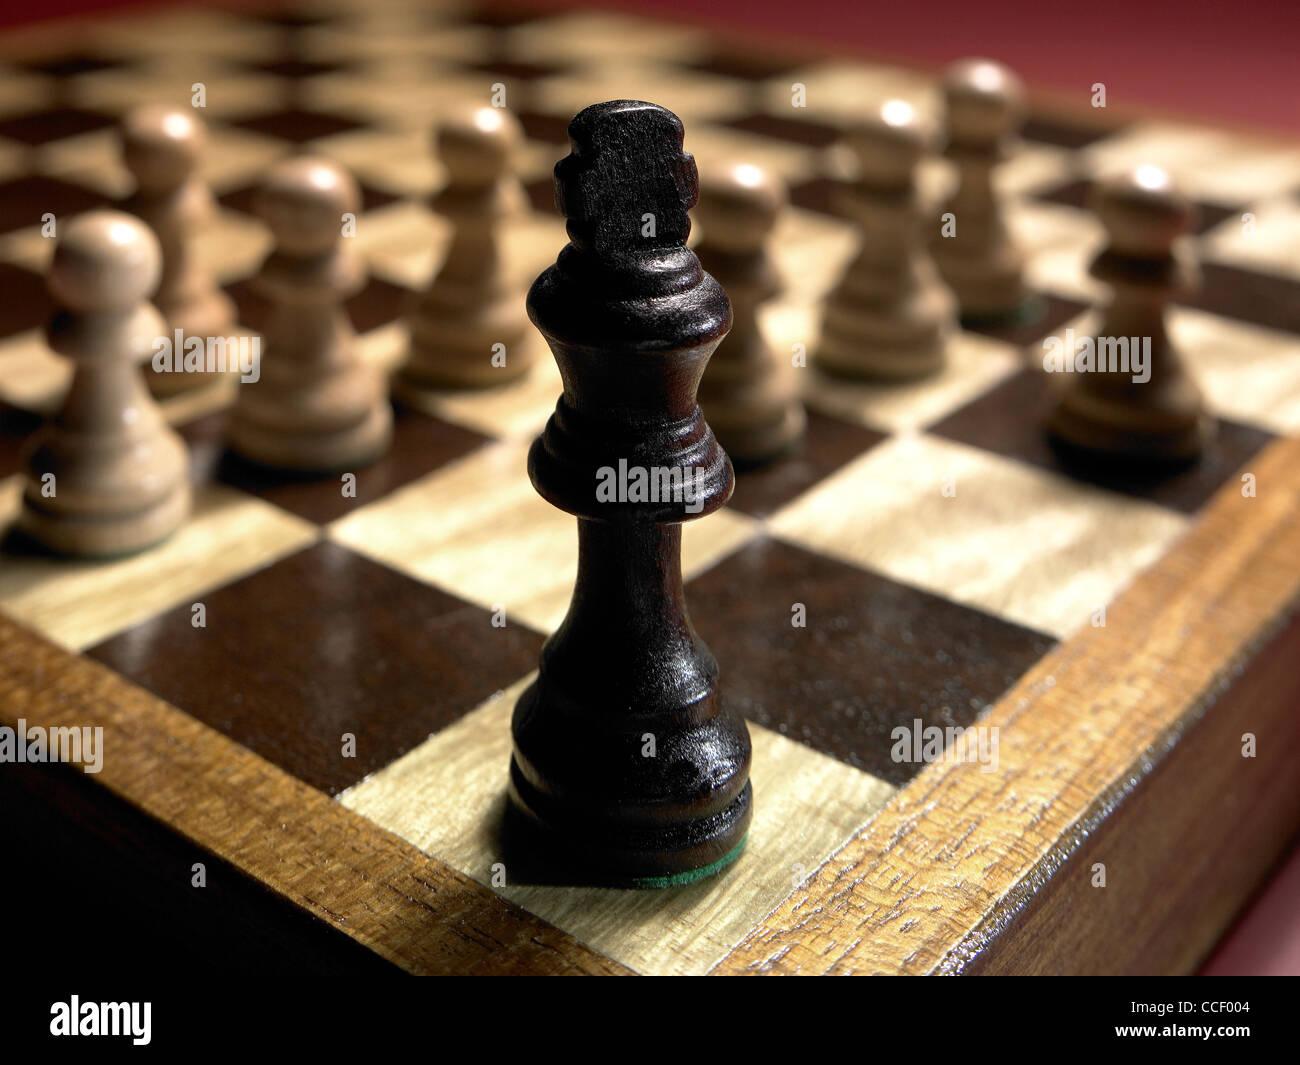 Pedine di una scacchiera Immagini Stock